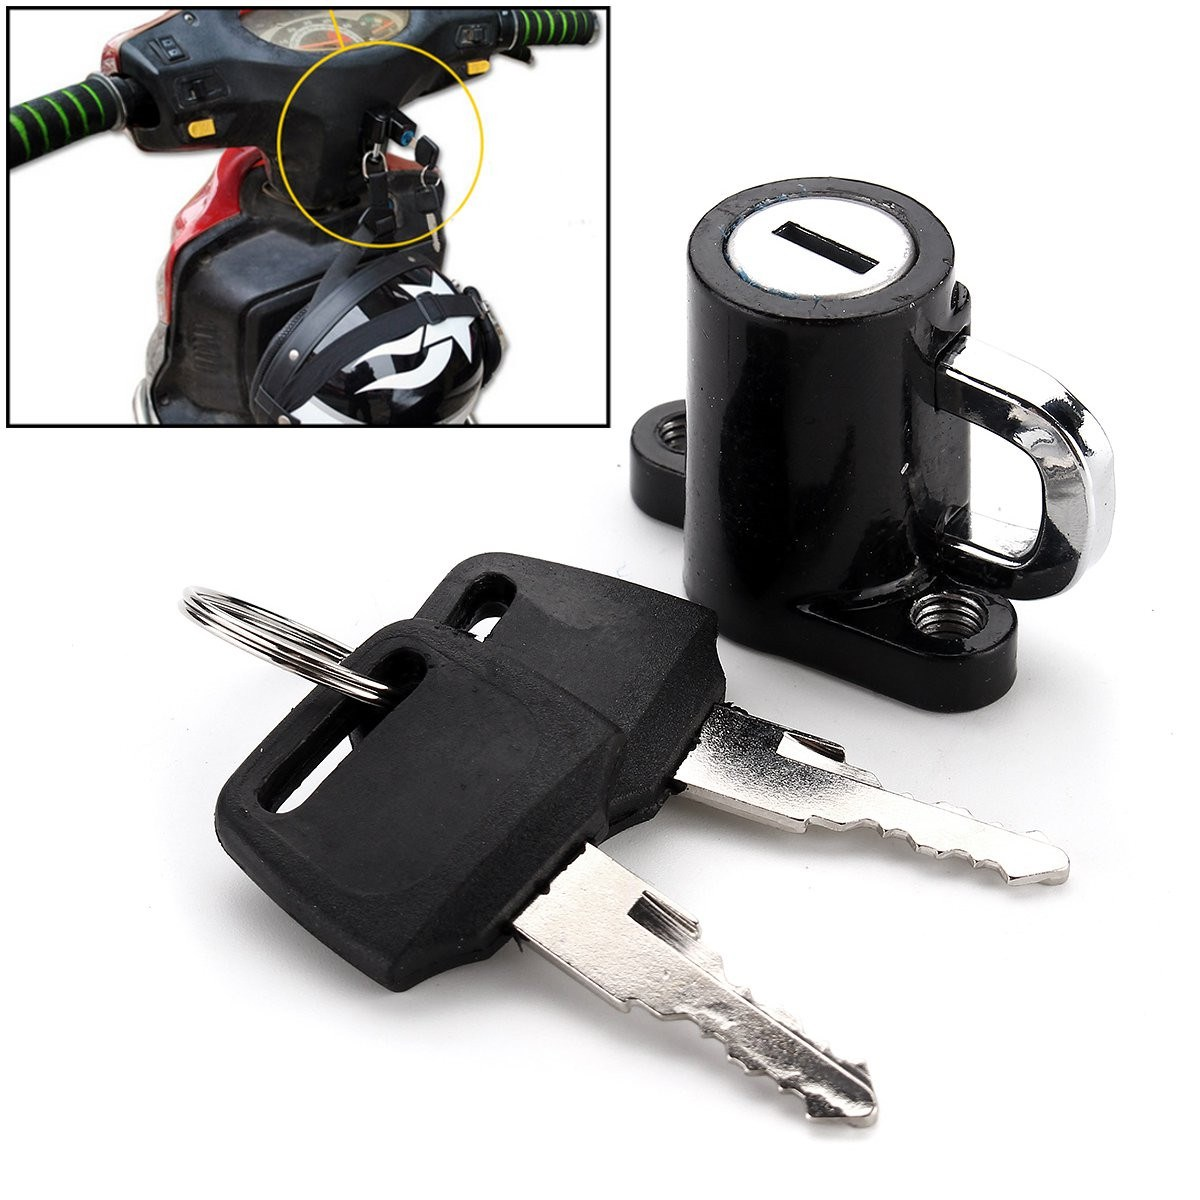 Universal Motorcycle Motorbike Bike Helmet Lock Hanger Hook With 2 Keys Black 46 X 21.3 X 33.4mm